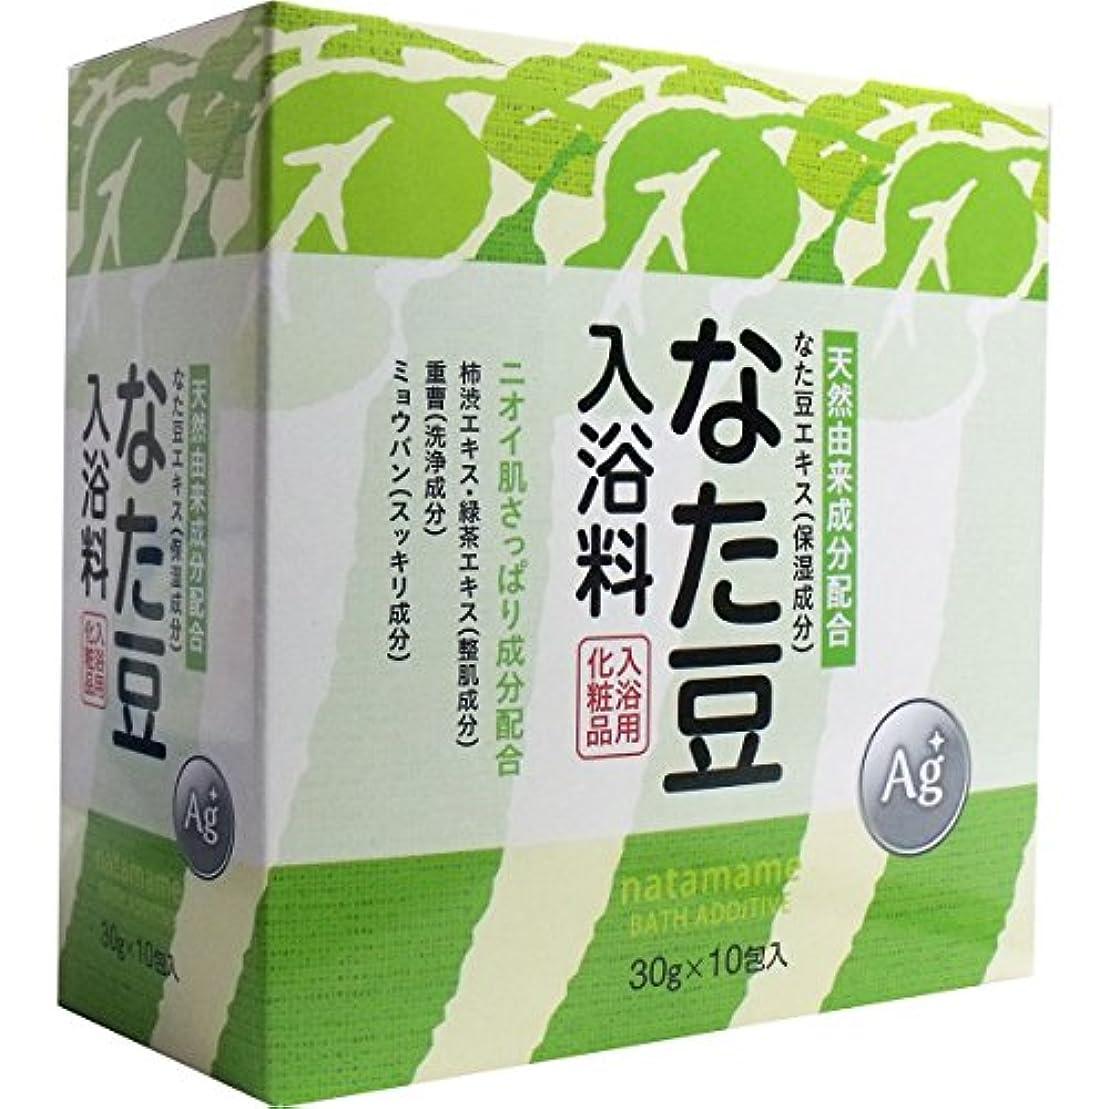 同様に販売計画直感なた豆入浴料 入浴用化粧品 30g×10包入×3